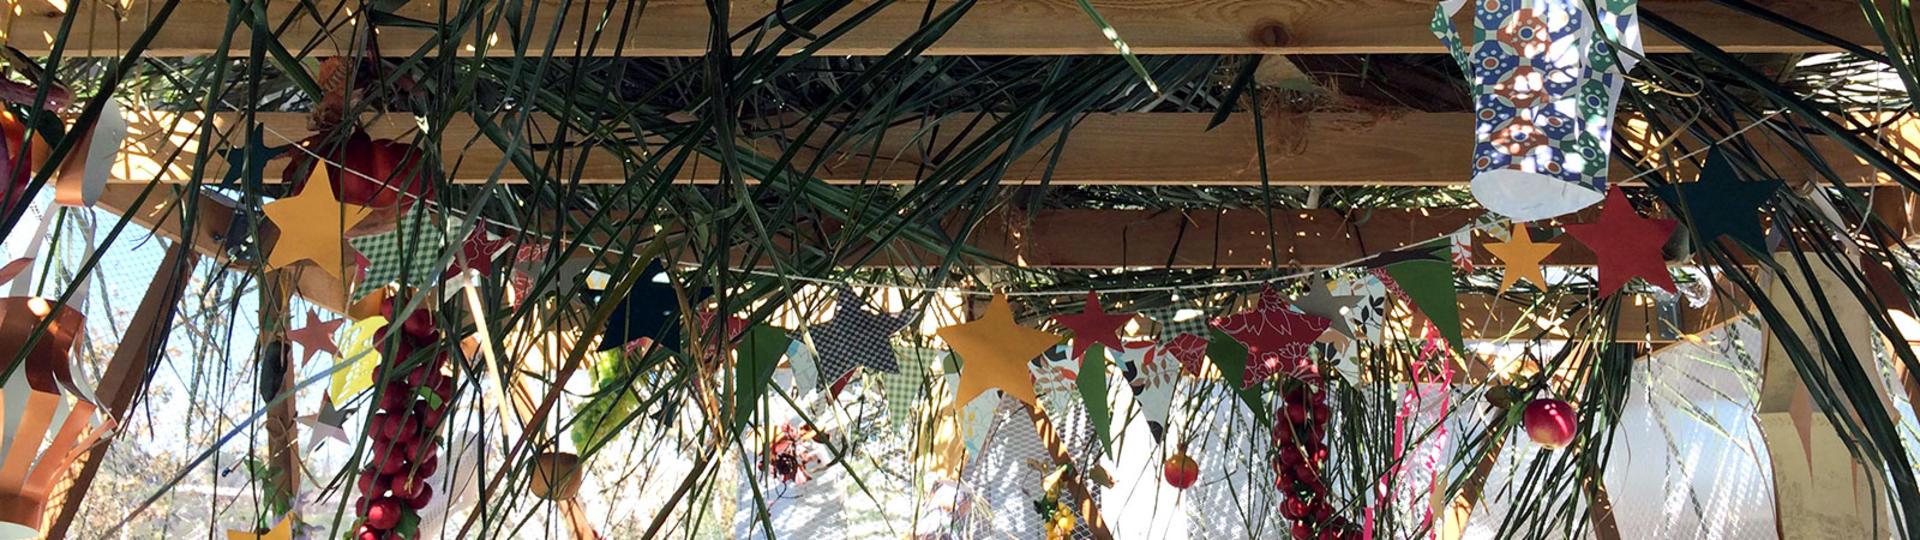 Skirball Cultural Center Holiday Installation